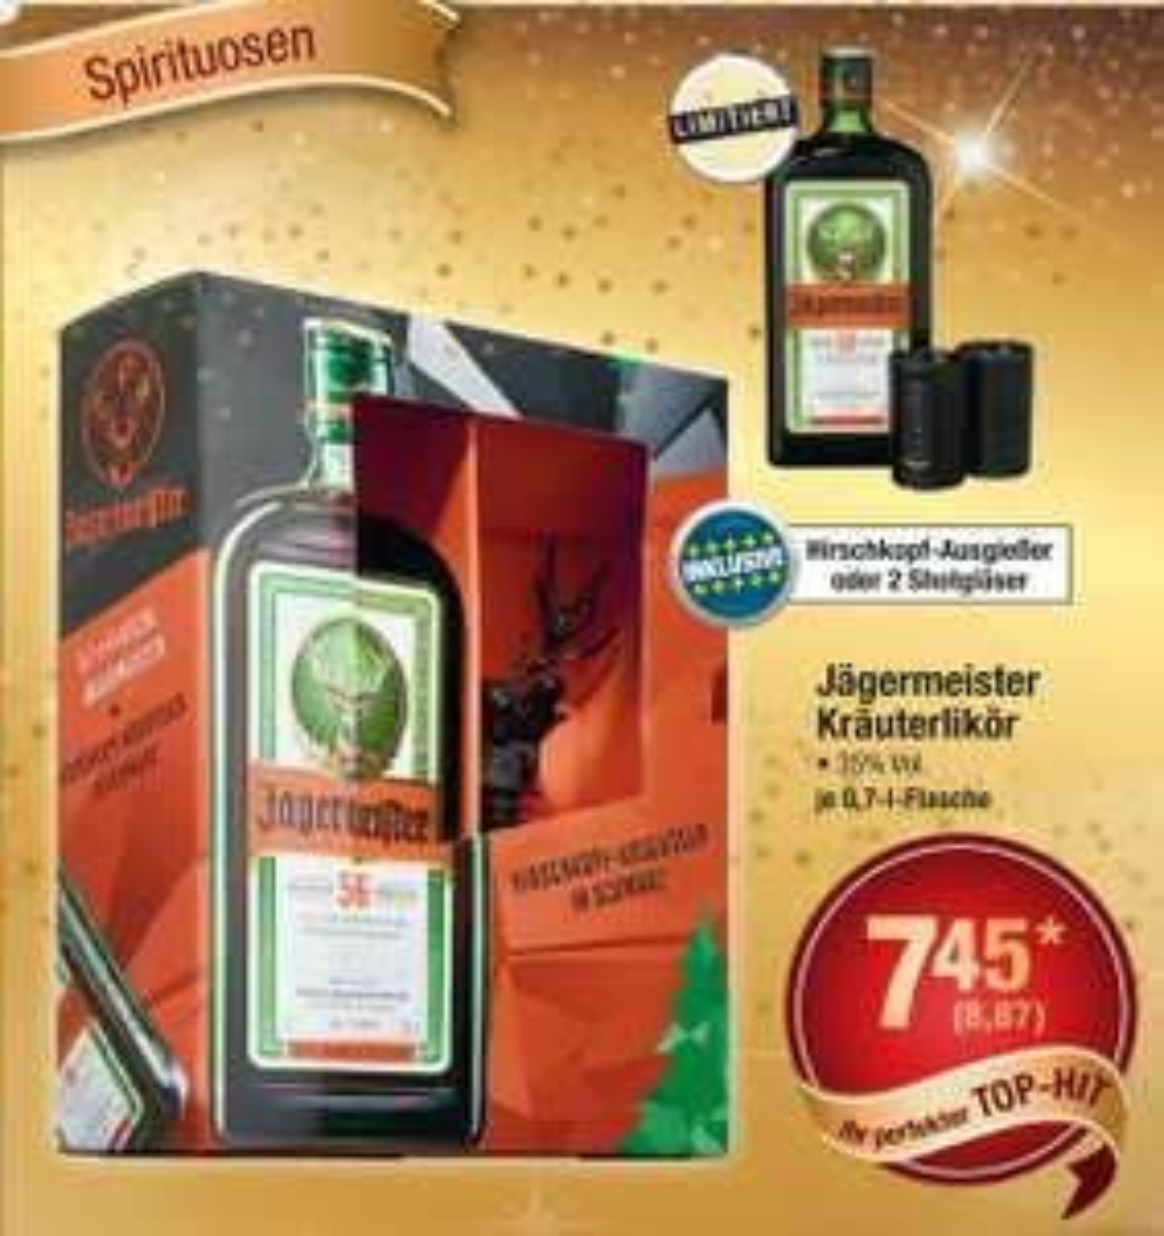 [metro] Jägermeister 0,7L + Ausgießer oder 2 Shotgläser für 8,87€ inkl. MwSt